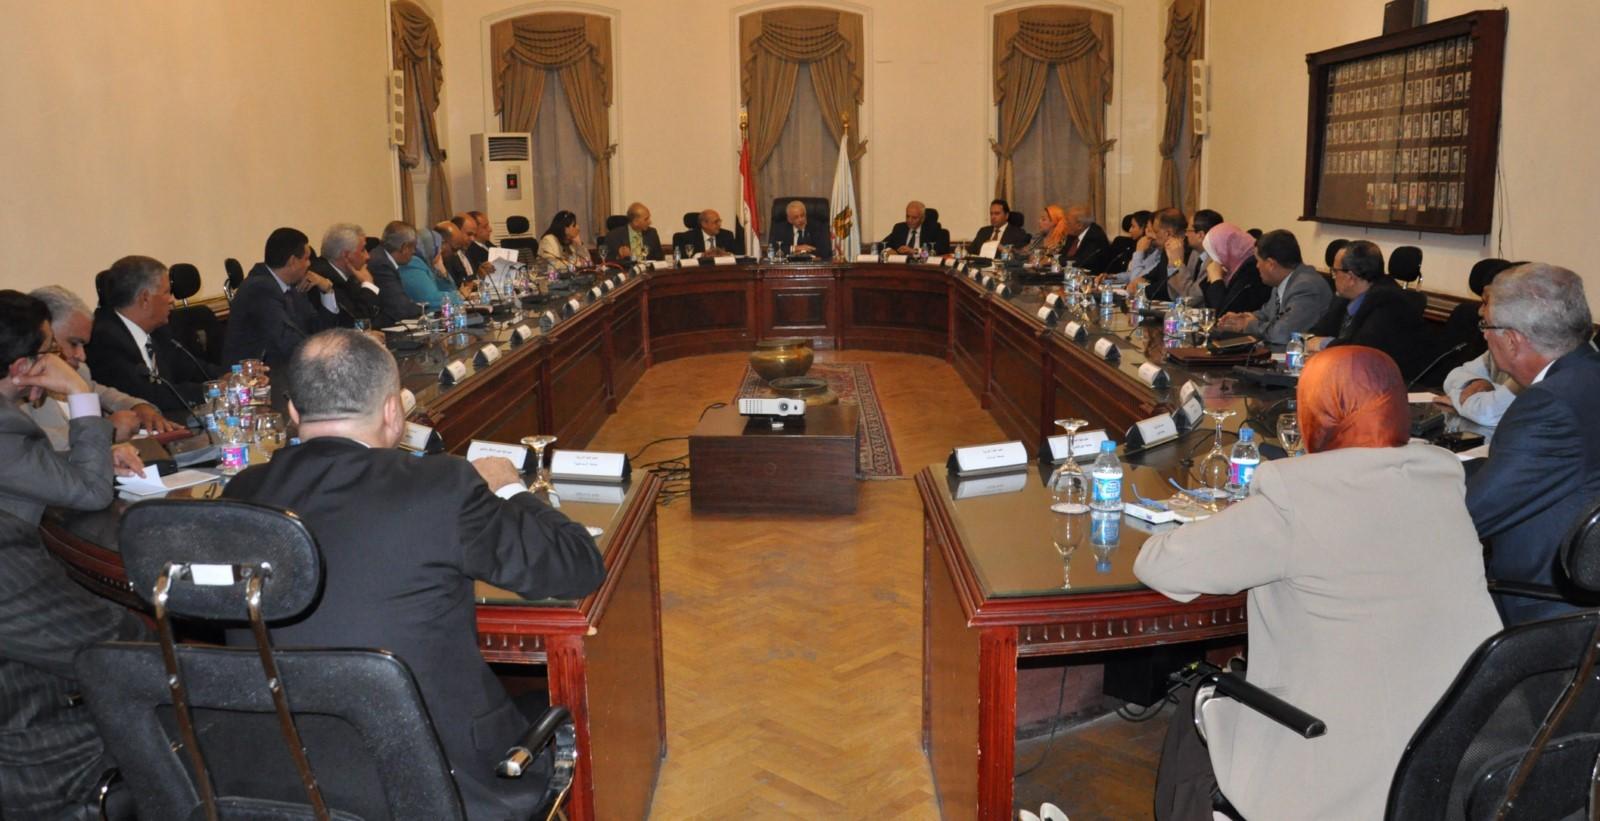 اجتماع قيادات التربية والتعليم مع عمداء الكليات لتطوير التعليم (5)